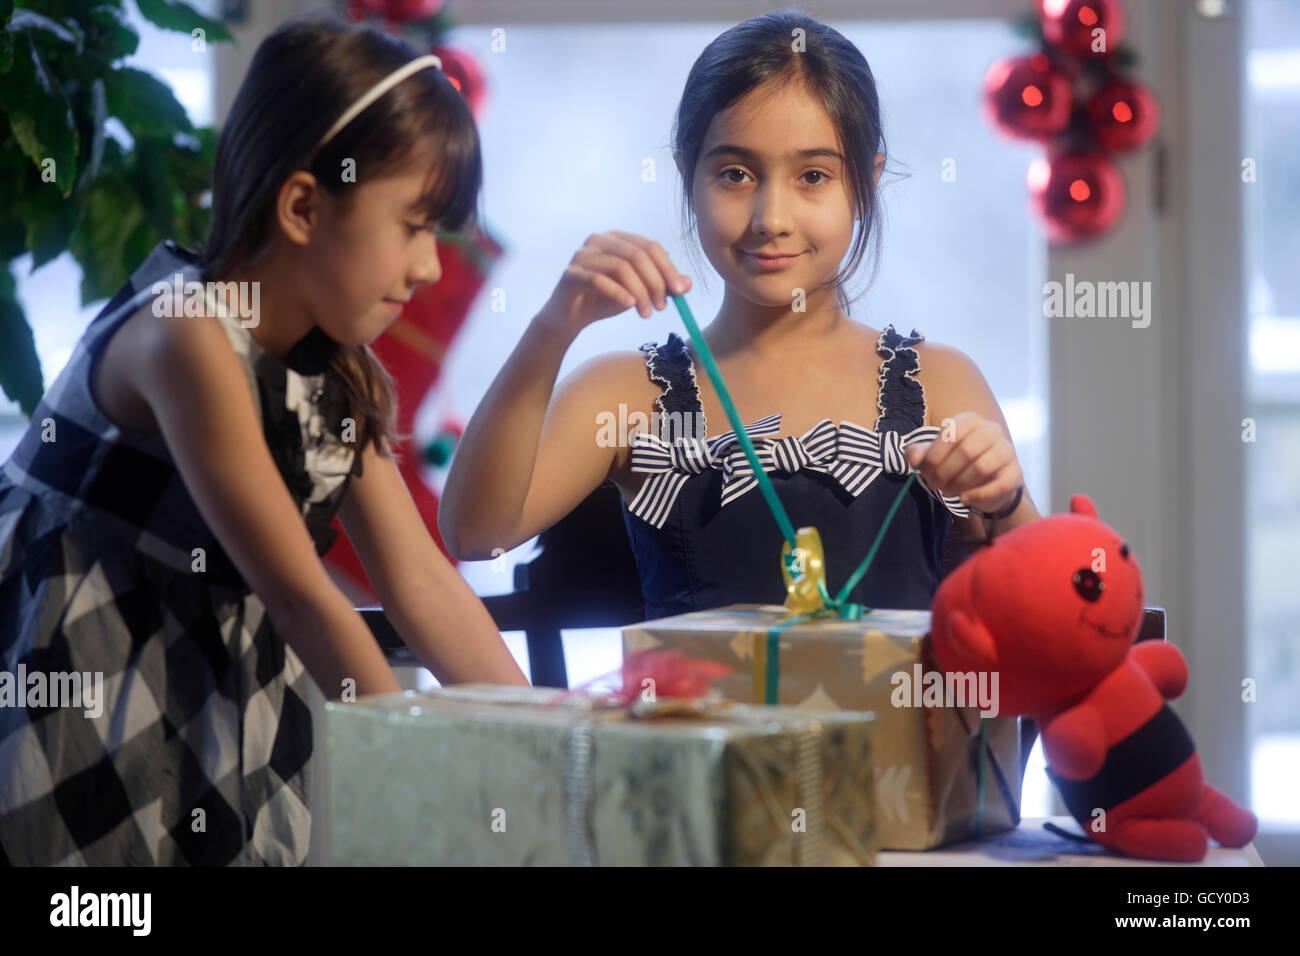 Zwei Mädchen, Schwestern, 10 und 12 Jahre, Weihnachtsgeschenke ...